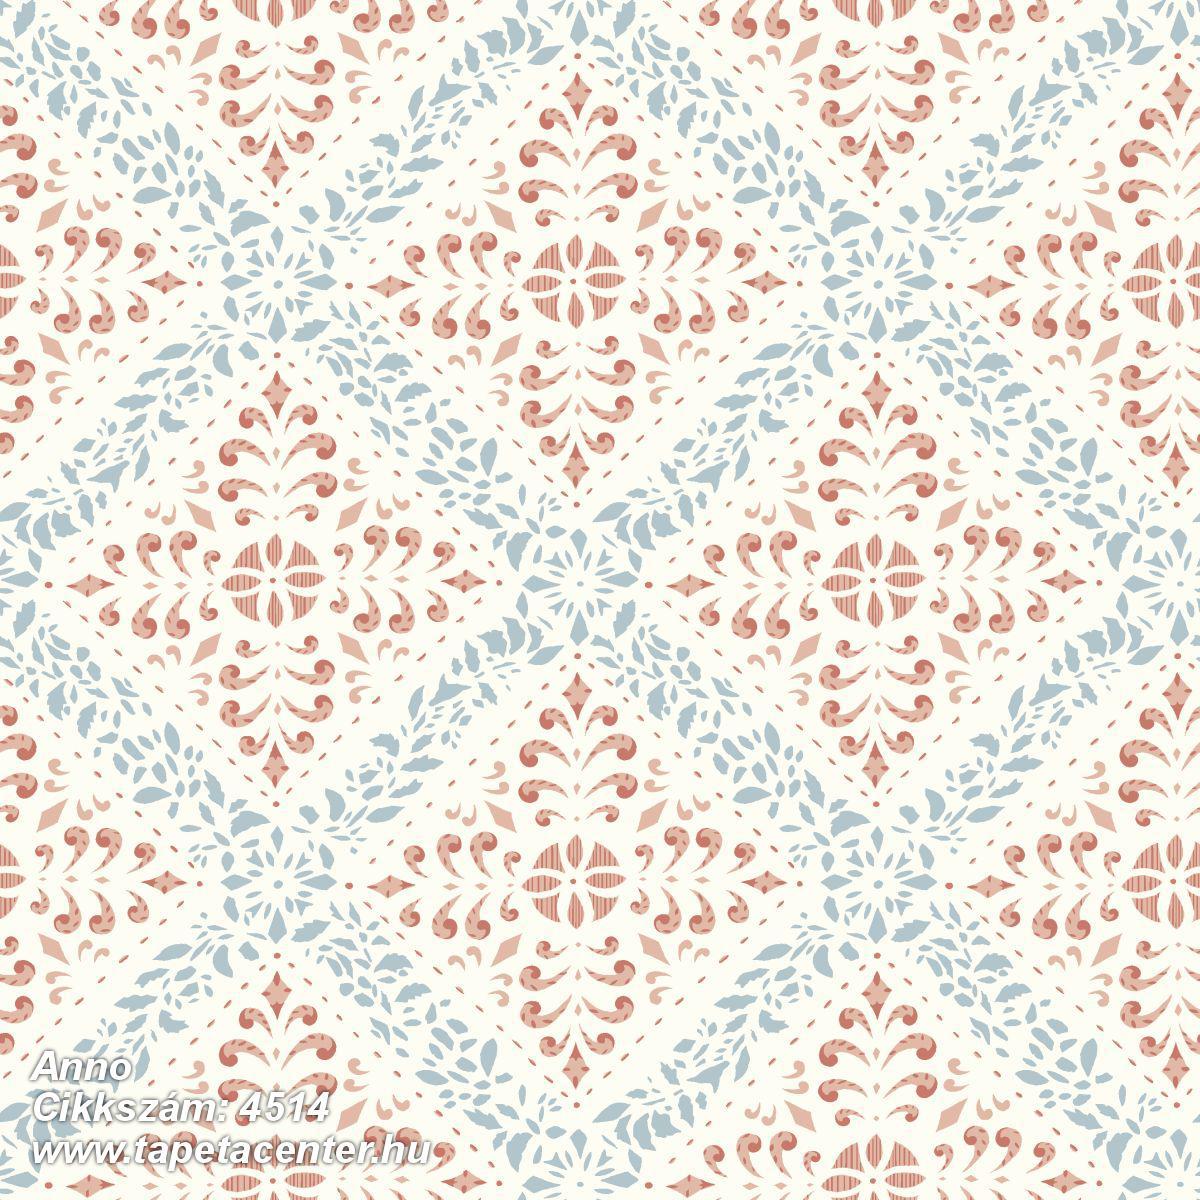 Barokk-klasszikus,rajzolt,fehér,kék,piros-bordó,lemosható,vlies tapéta